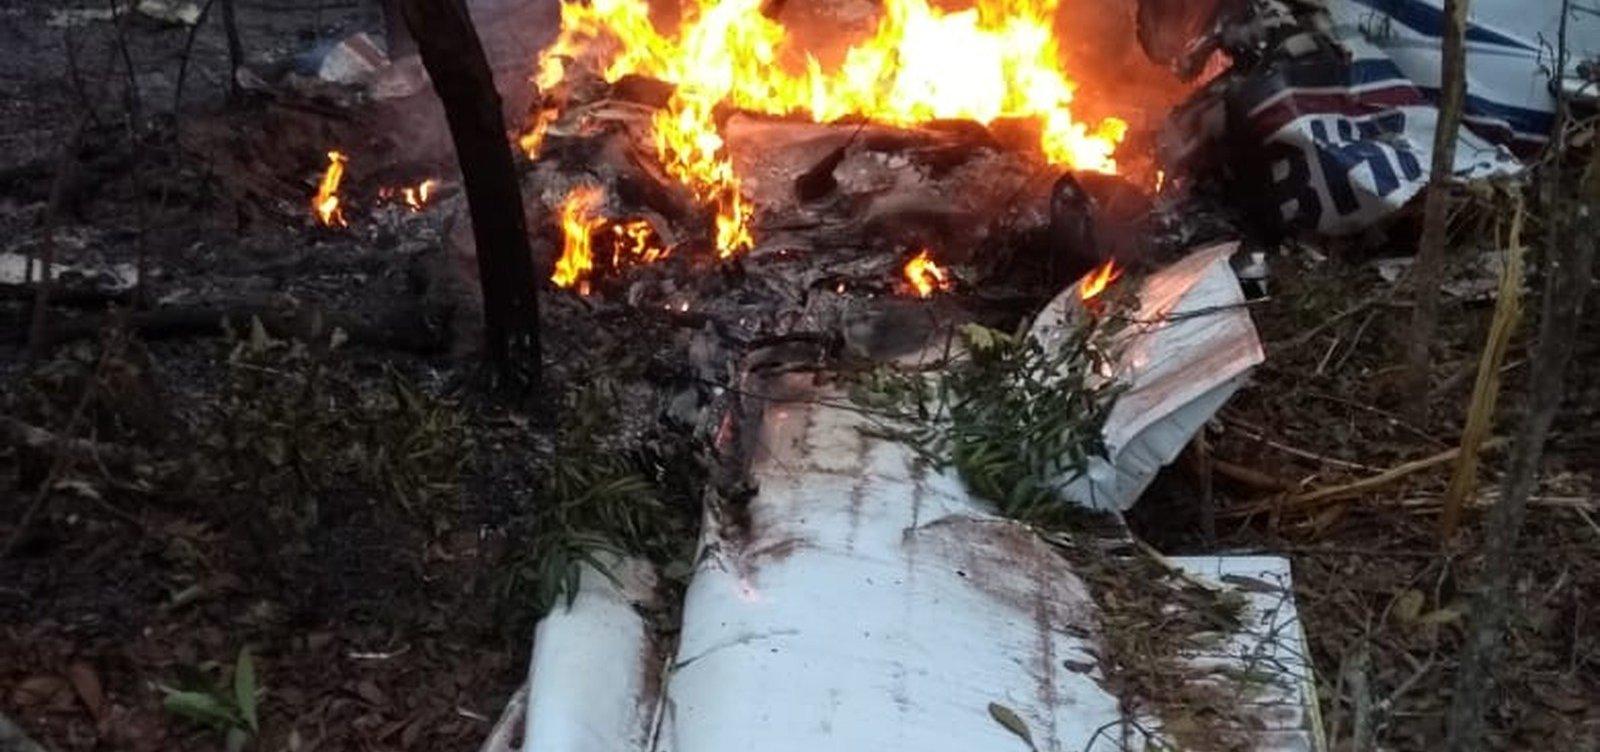 Médico e esposa morrem em queda de avião no Mato Grosso do Sul